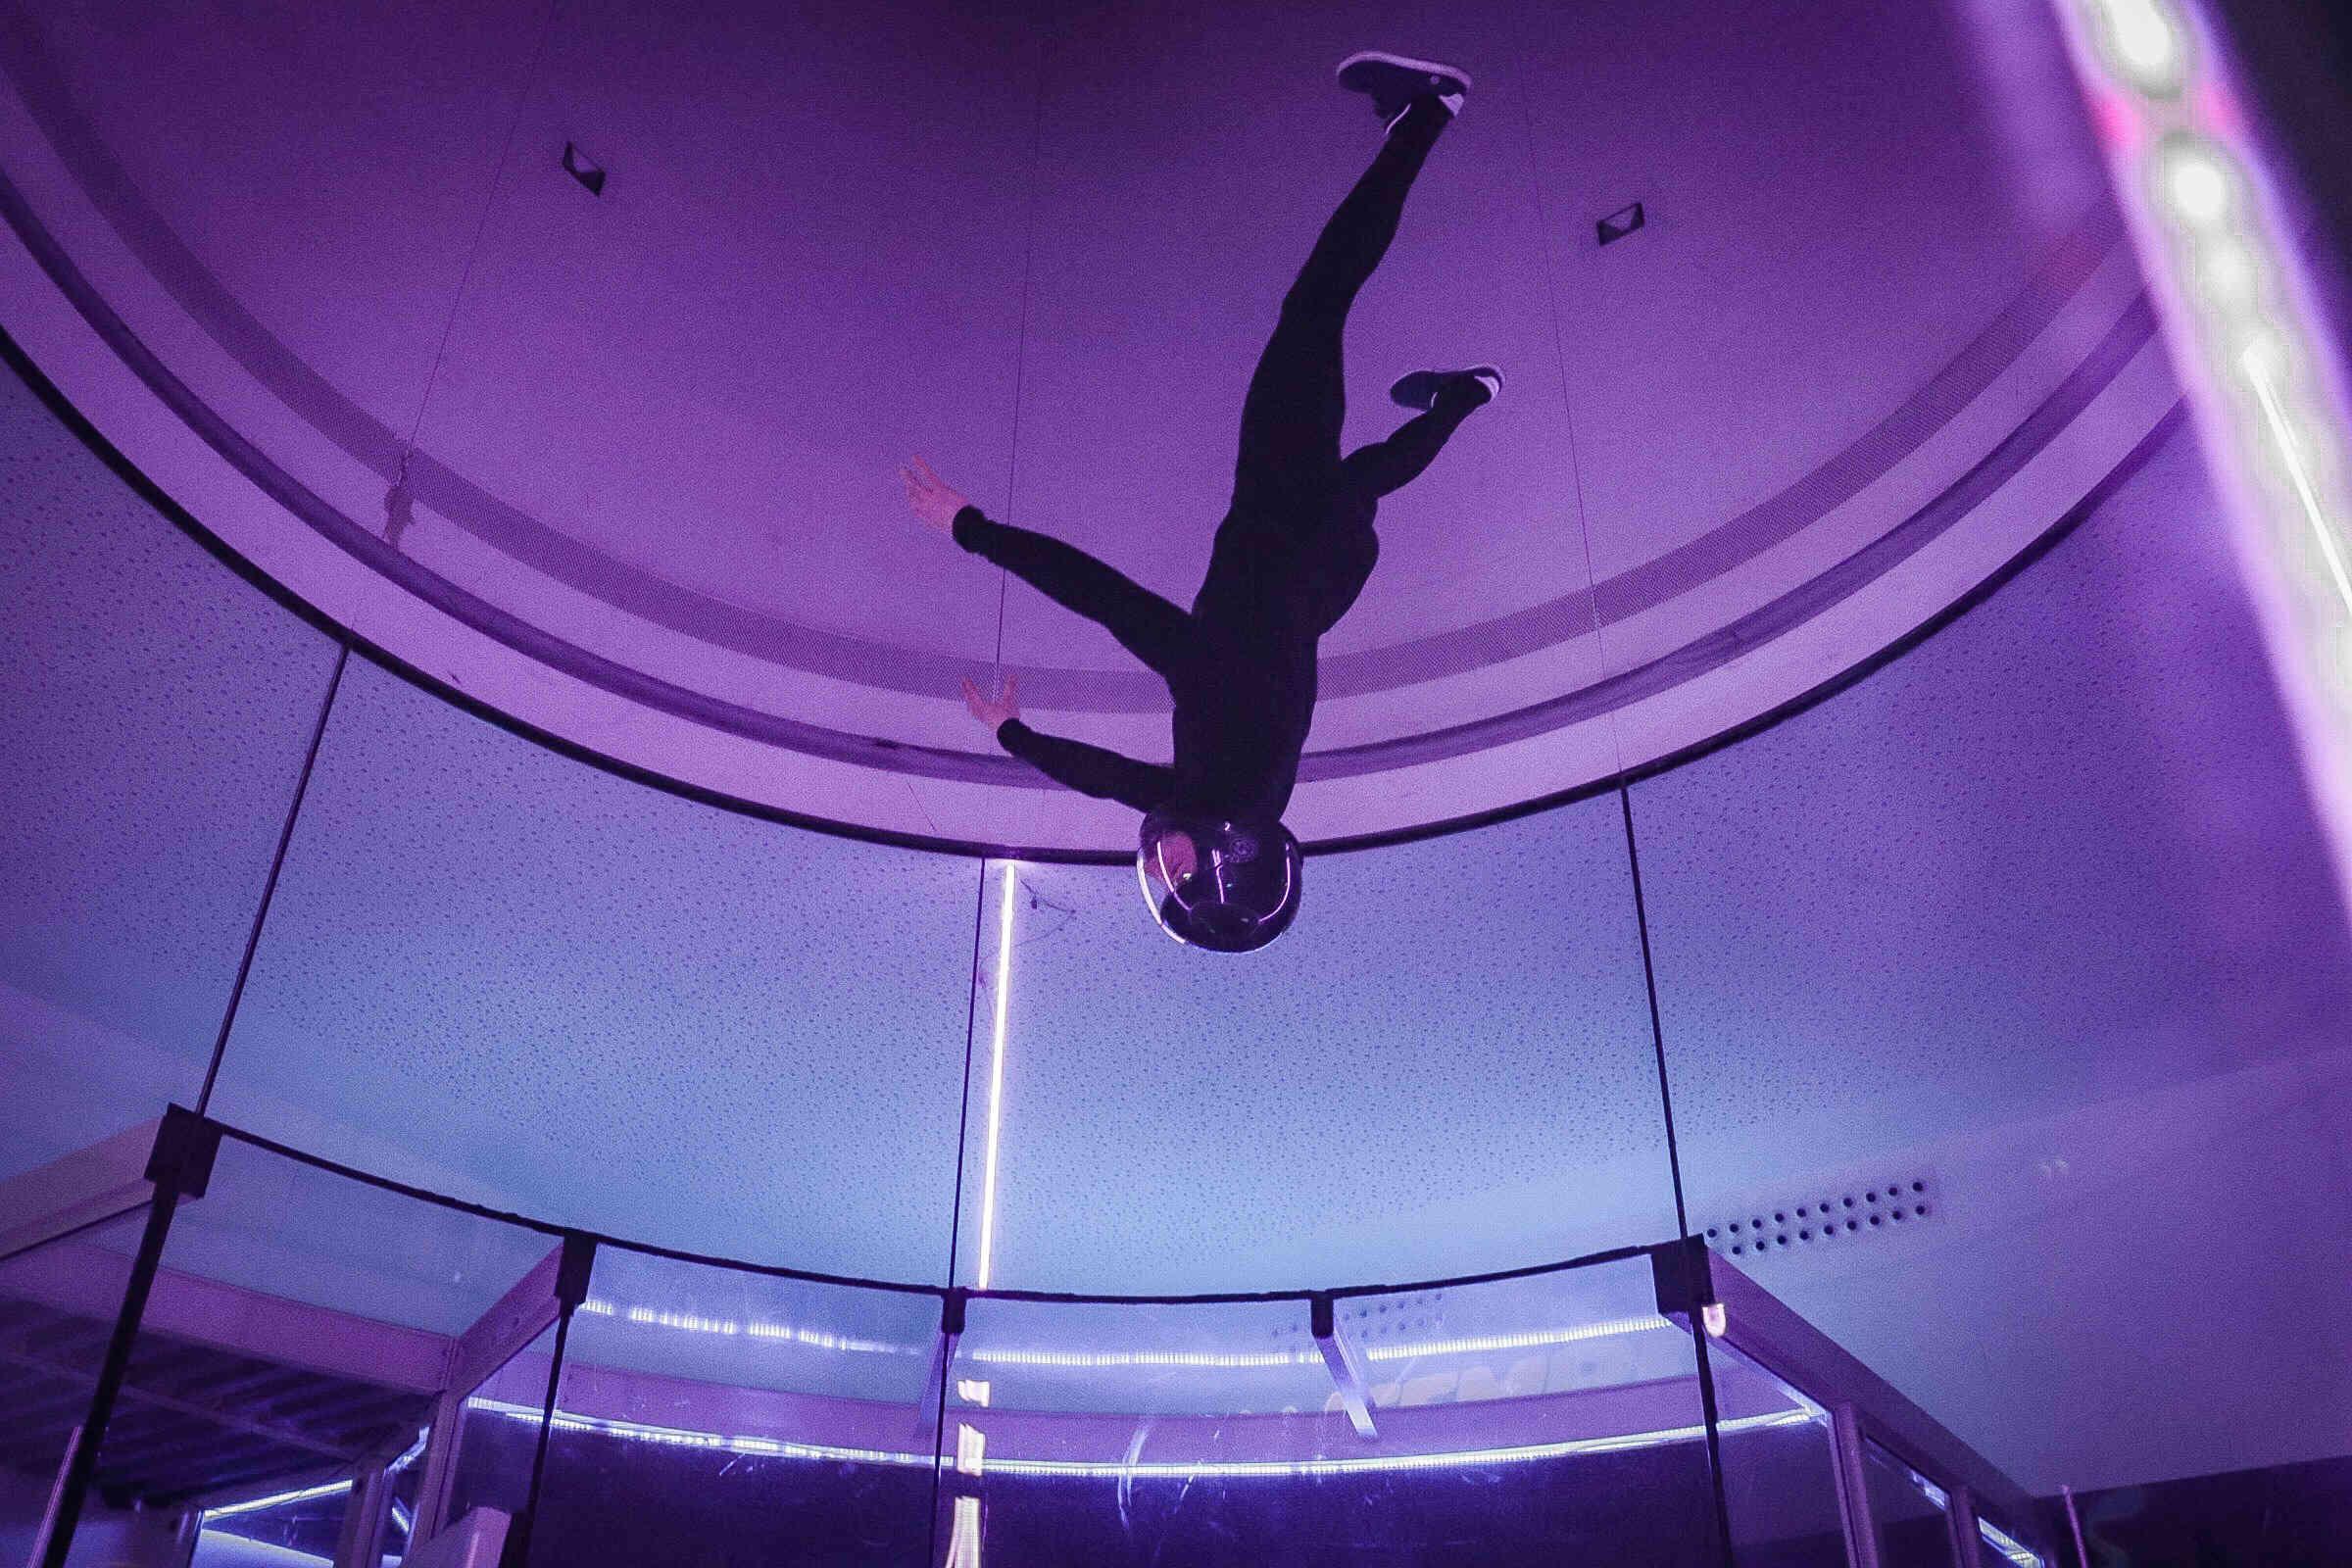 tete en bas en soufflerie chute libre en indoor - Brienne Aube Parachutisme centre de saut en parachute proche de Paris